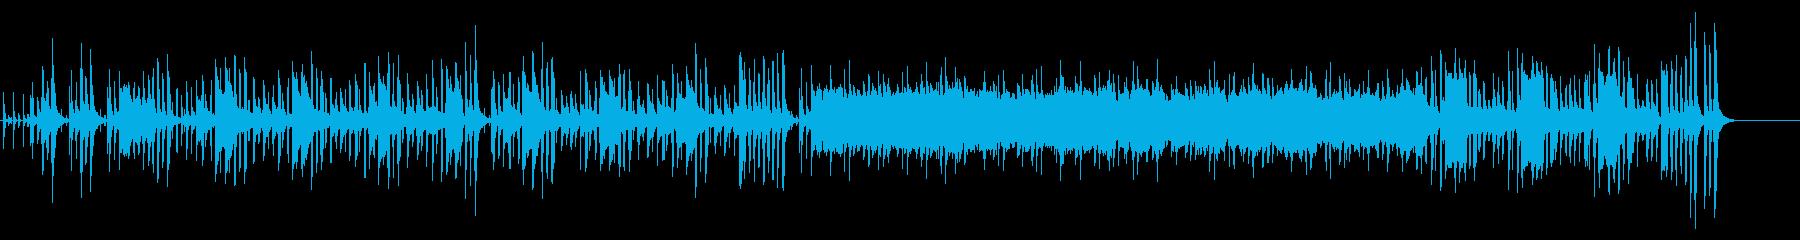 子供のチャチャチャ~楽しい雰囲気のBGMの再生済みの波形